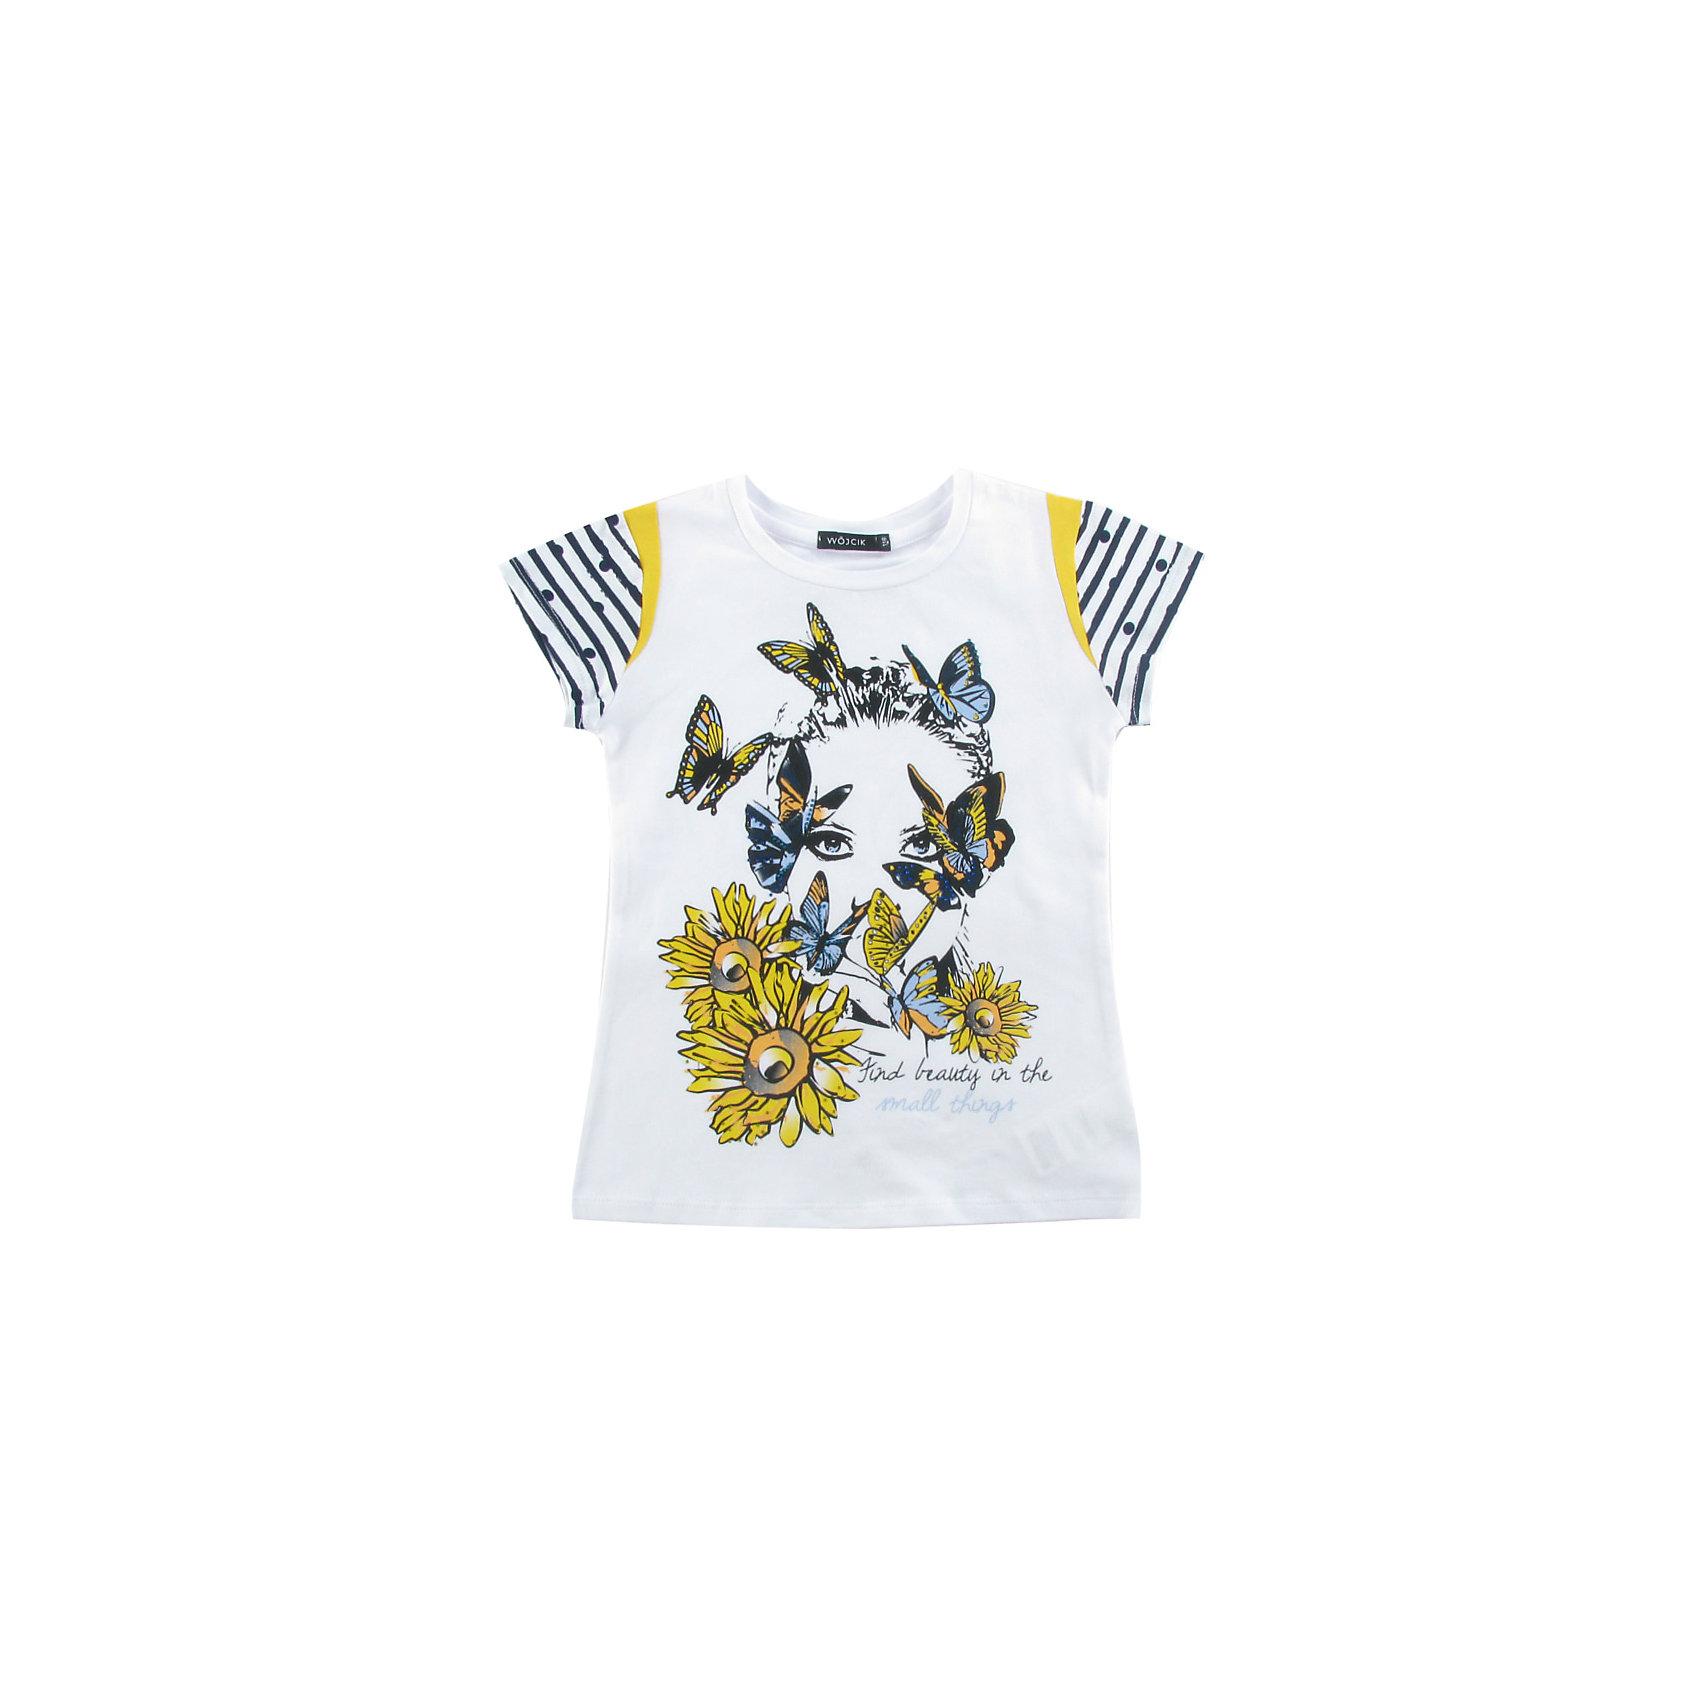 Футболка для девочки WojcikФутболки, поло и топы<br>Характеристики товара:<br><br>• цвет: белый<br>• состав ткани: хлопок 95%, эластан 5%<br>• короткие рукава<br>• сезон: лето<br>• страна бренда: Польша<br>• страна изготовитель: Польша<br><br>Эта модель детской одежды сделана из качественного материала с преобладанием хлопка в составе. Футболка для девочки Wojcik - удобная и модная. <br><br>Белая футболка для девочки Войчик декорирована принтом. Польская одежда для детей от бренда Войчик - это качественные и стильные вещи.<br><br>Футболку для девочки Wojcik (Войчик) можно купить в нашем интернет-магазине.<br><br>Ширина мм: 199<br>Глубина мм: 10<br>Высота мм: 161<br>Вес г: 151<br>Цвет: белый<br>Возраст от месяцев: 36<br>Возраст до месяцев: 48<br>Пол: Женский<br>Возраст: Детский<br>Размер: 104<br>SKU: 5588547